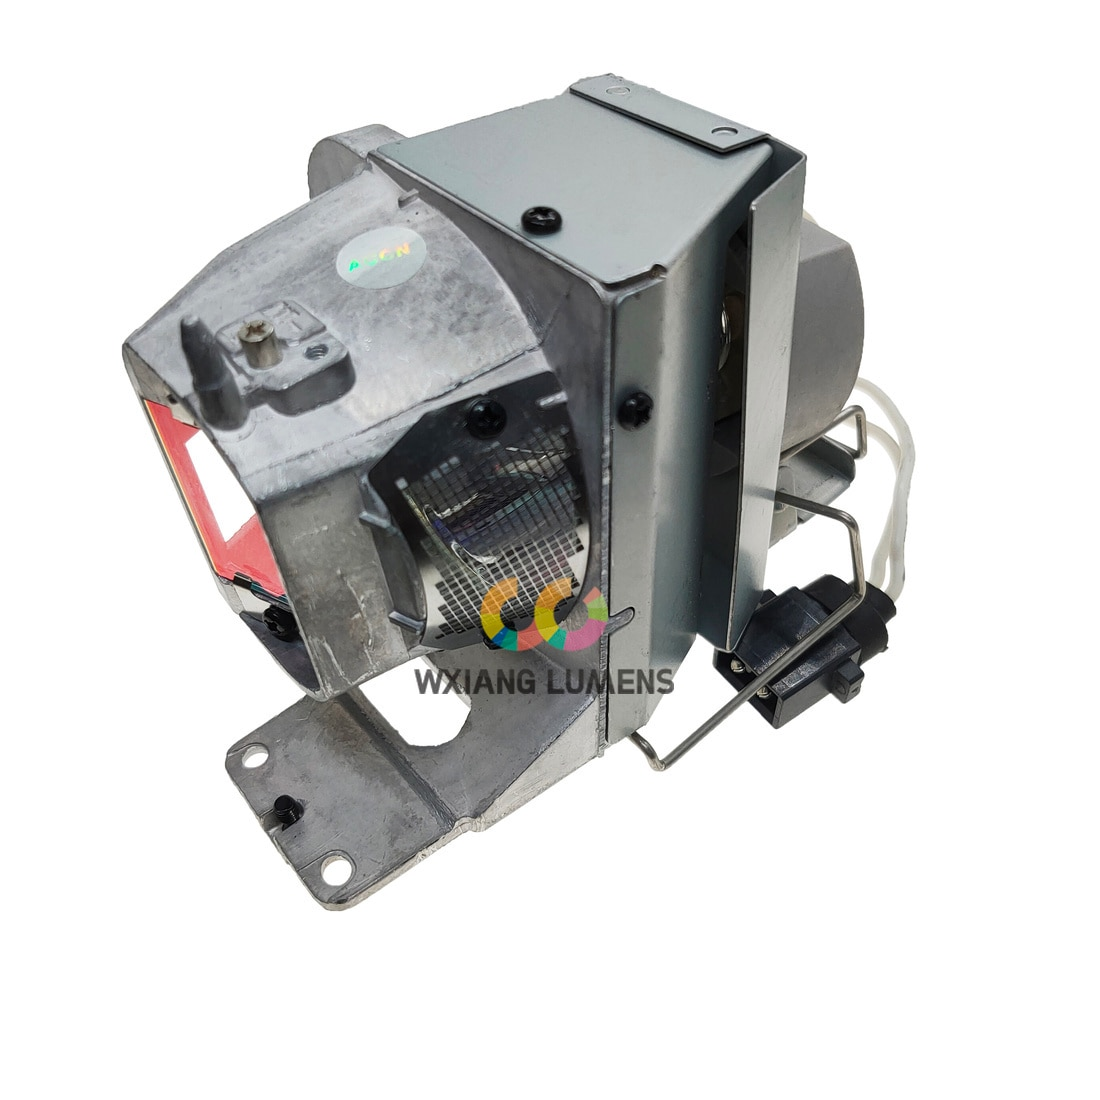 المصباح الكهربي العارض مع BL-FP240G الإسكان SP.7AZ01GC01 ل Optoma HD27e/HD143X/HD27Be/HD144X/DH350/HD270e/EH336